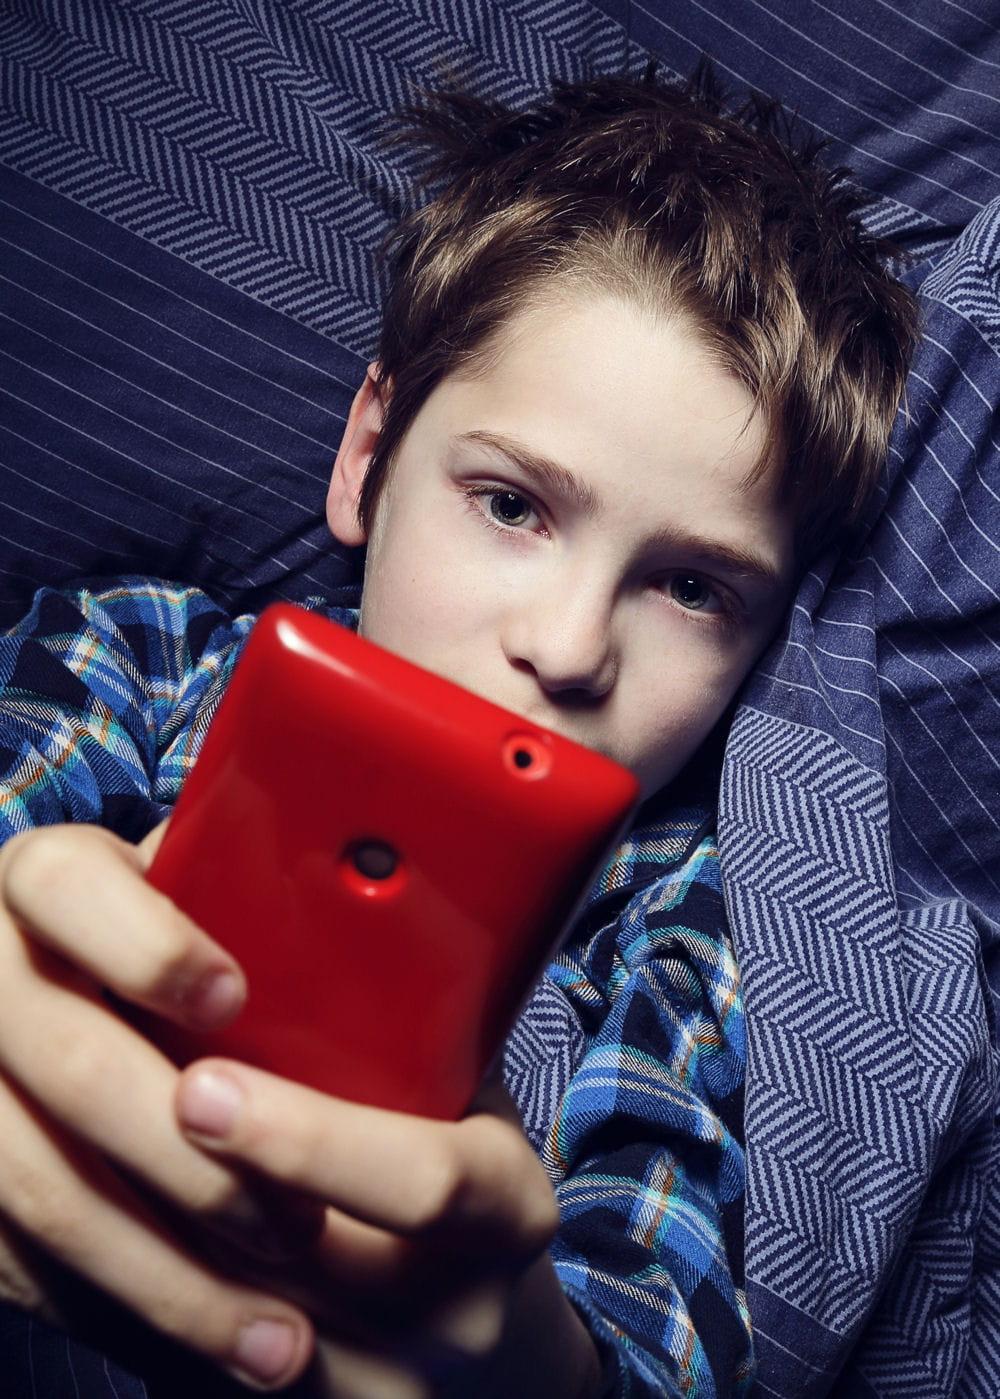 Jeune adolescent film porno